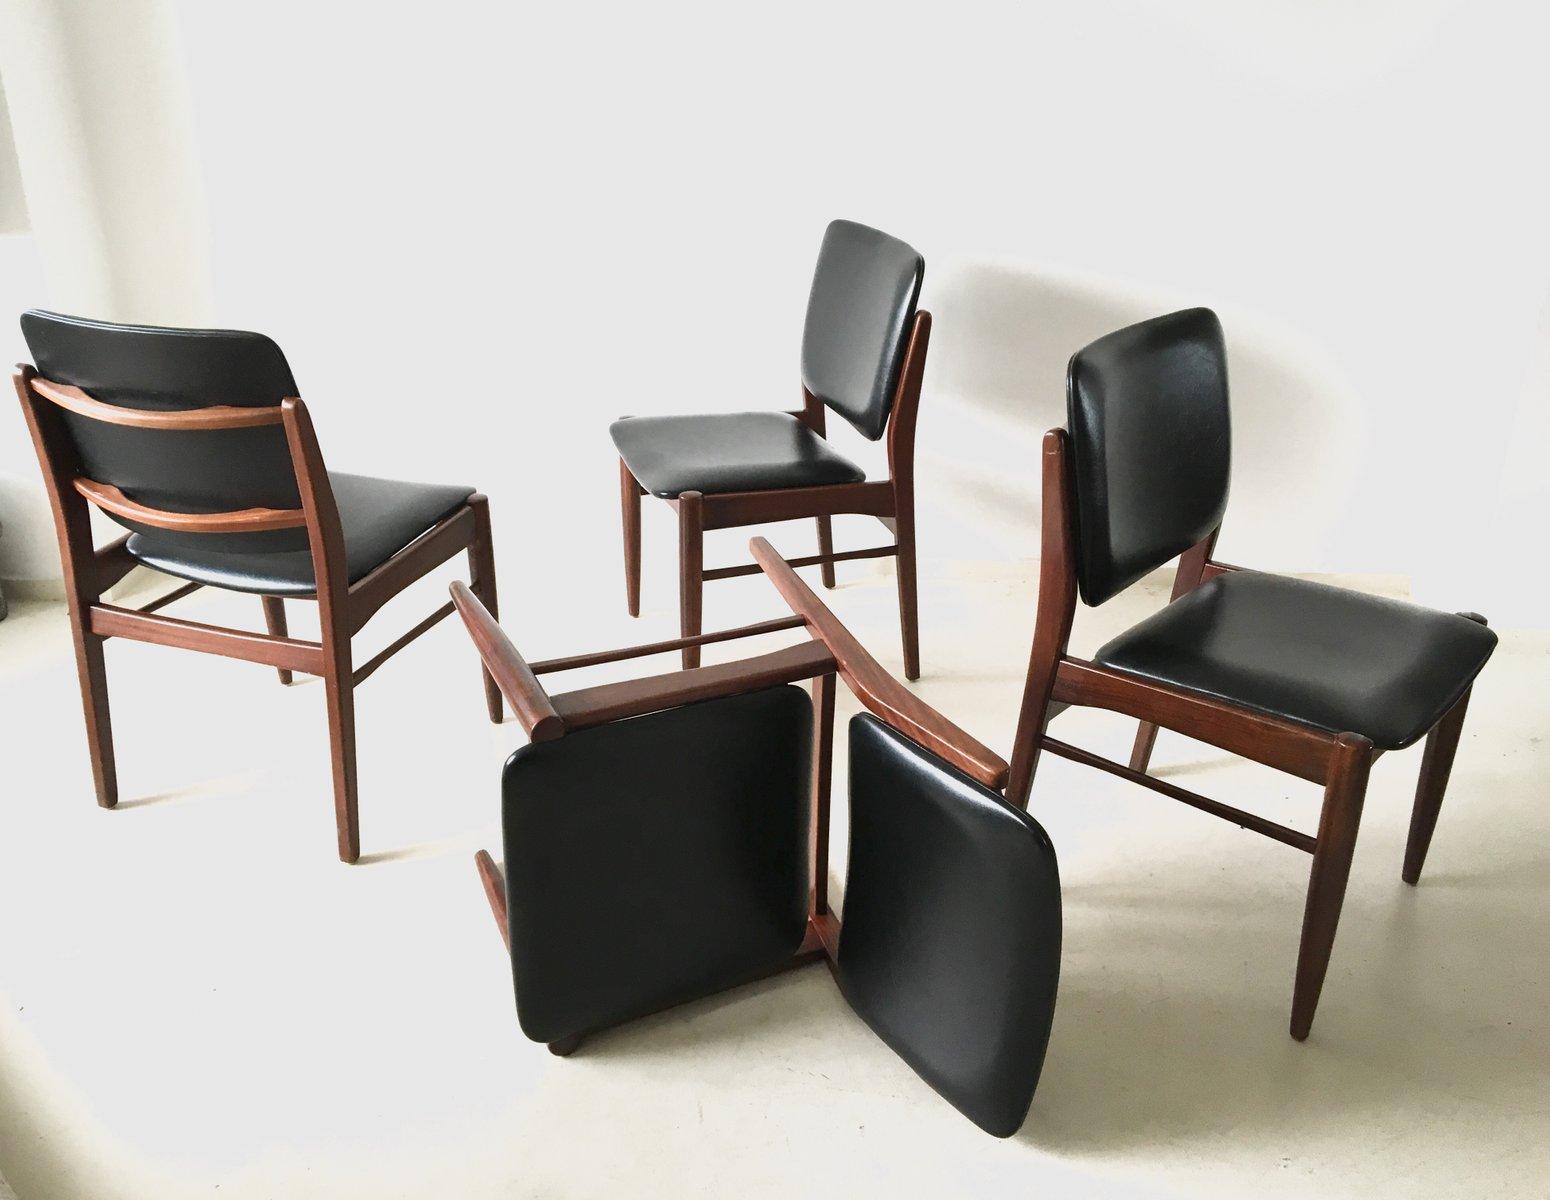 d nische vintage esszimmerst hle 1960er 4er set bei pamono kaufen. Black Bedroom Furniture Sets. Home Design Ideas